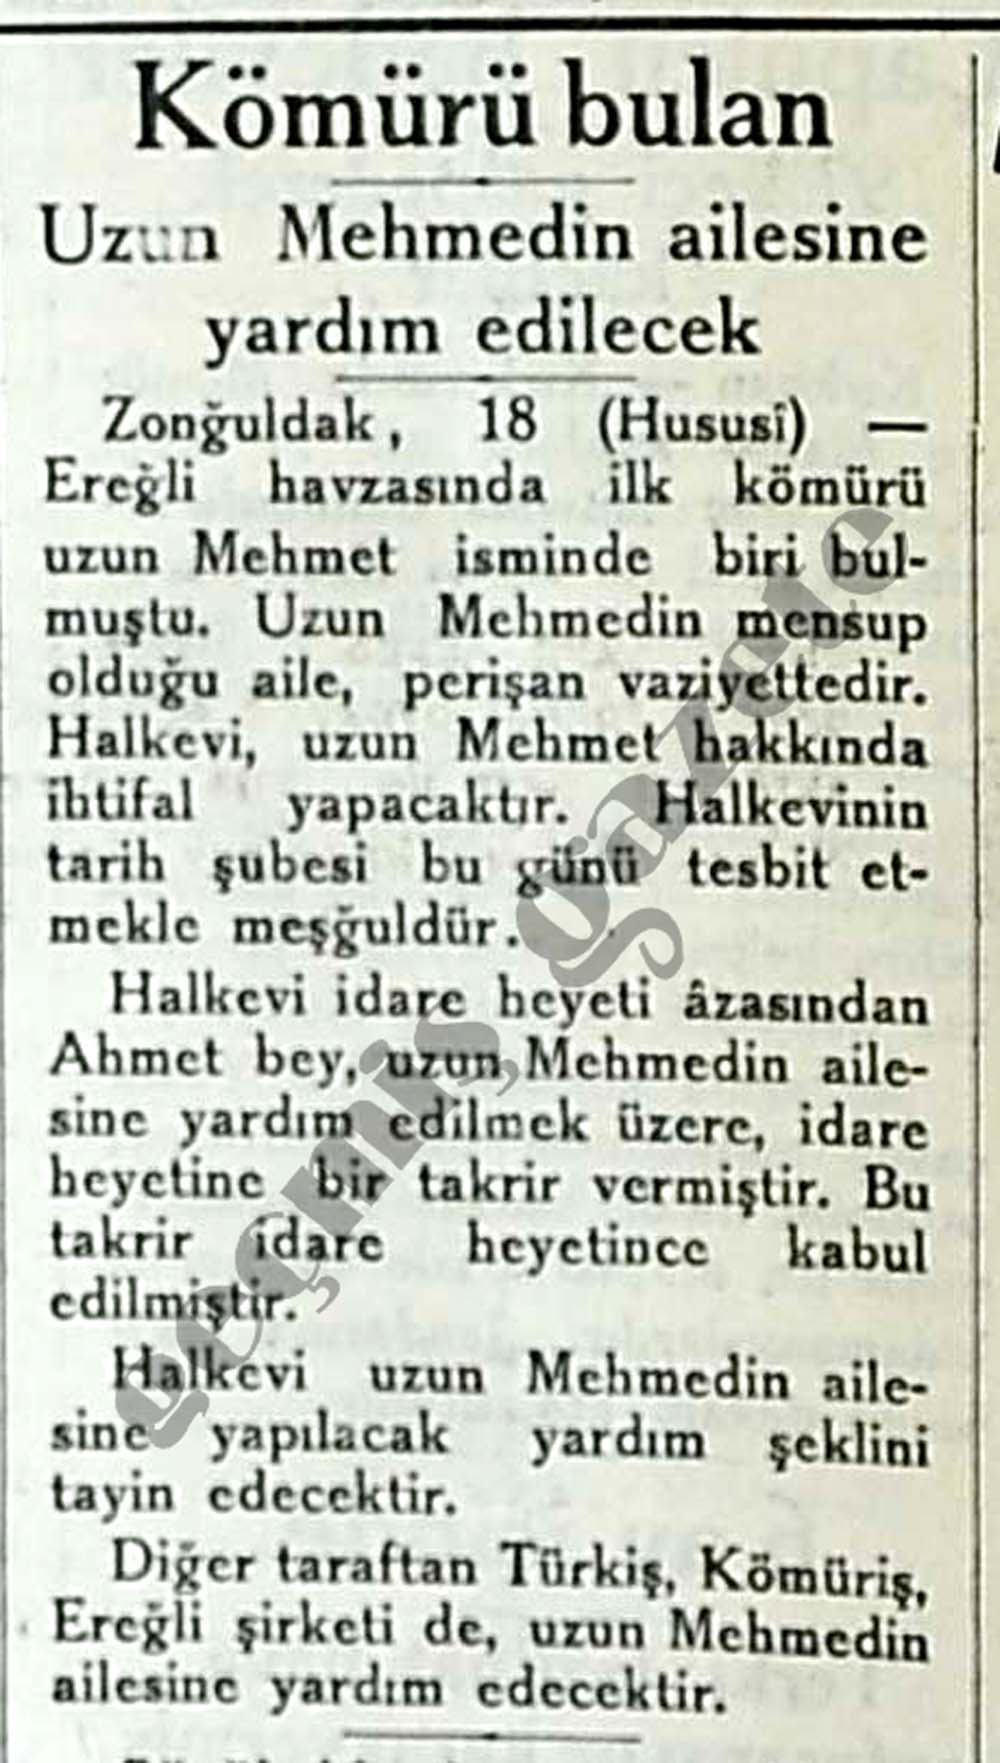 Kömürü bulan Uzun Mehmedin ailesine yardım edilecek